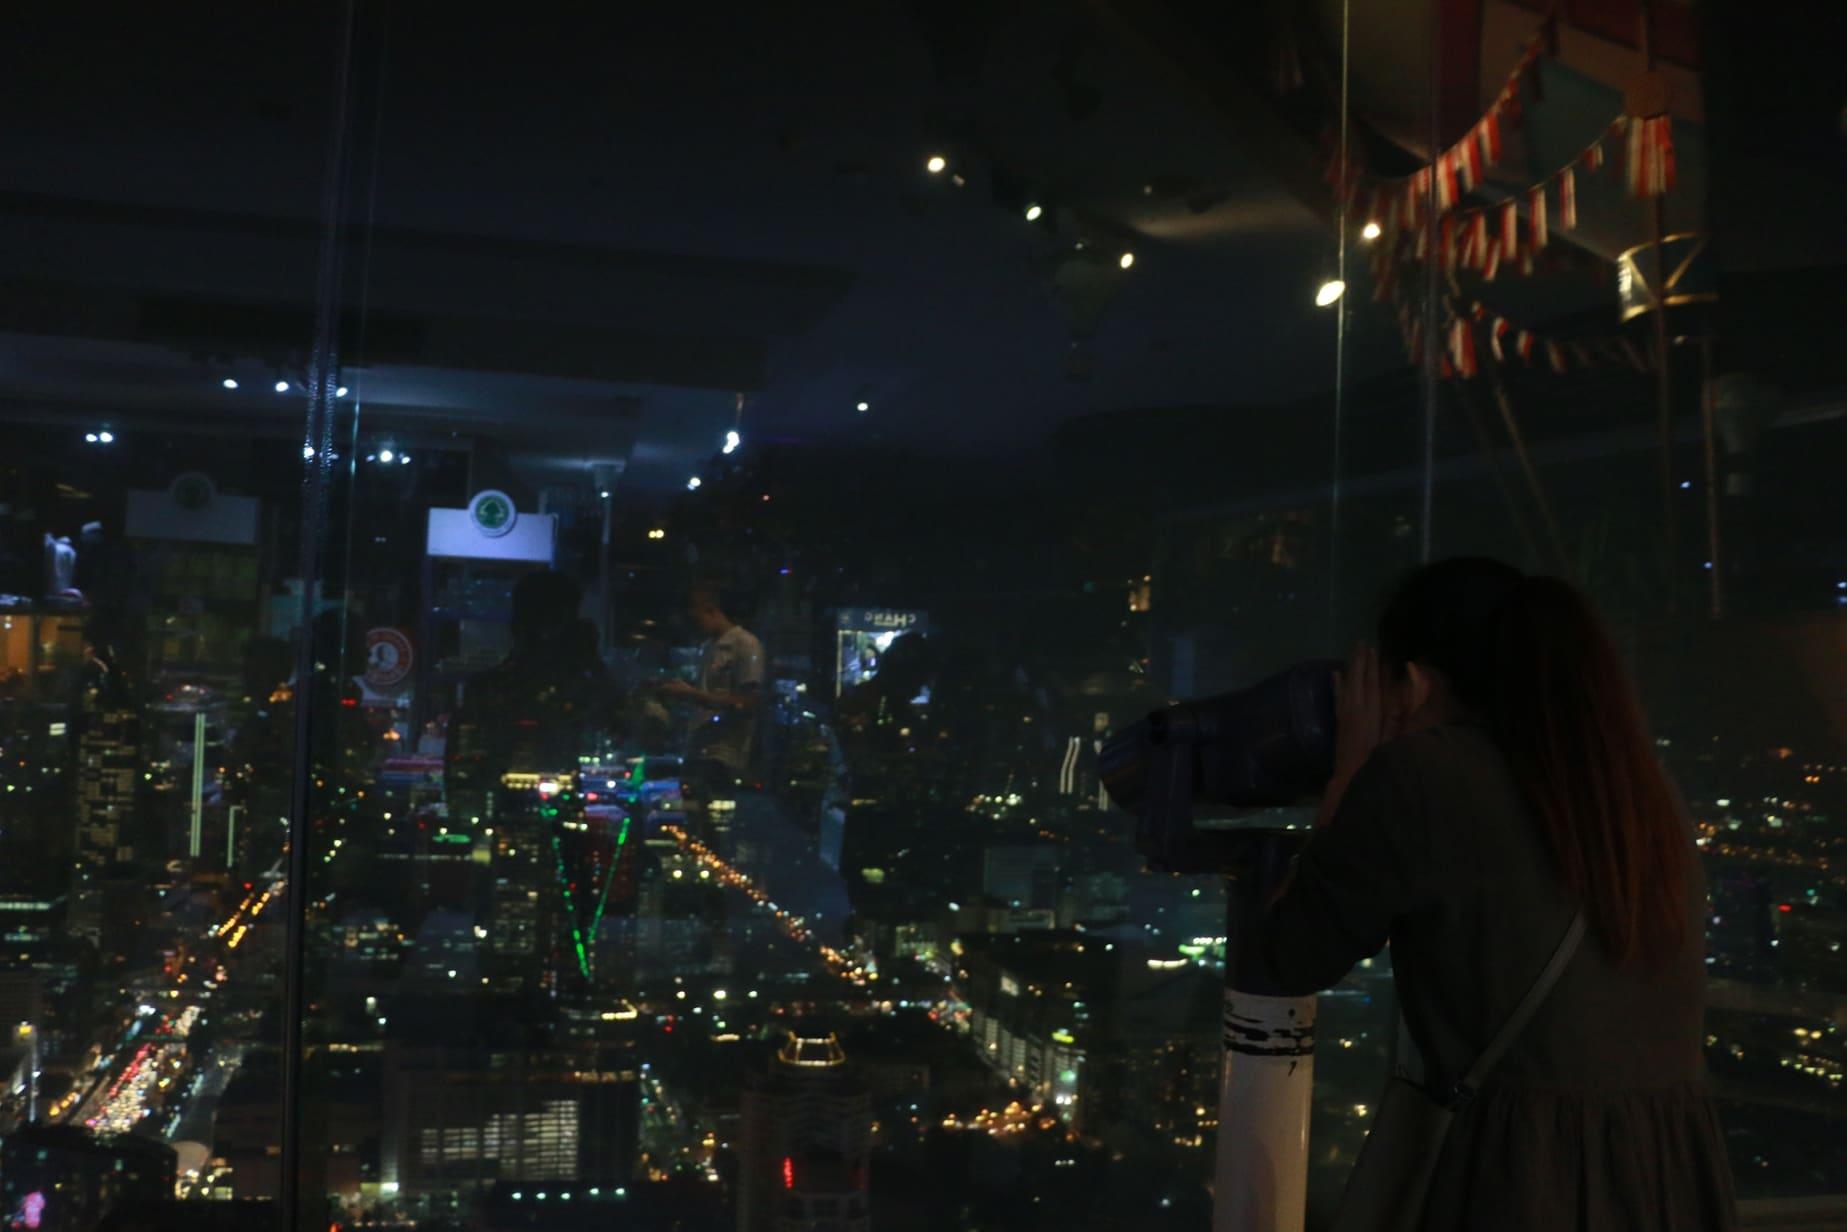 cảnh nhìn từ khách sạn baiyoke trong chuyến du lịch thái lan 4 ngày 3 đêm